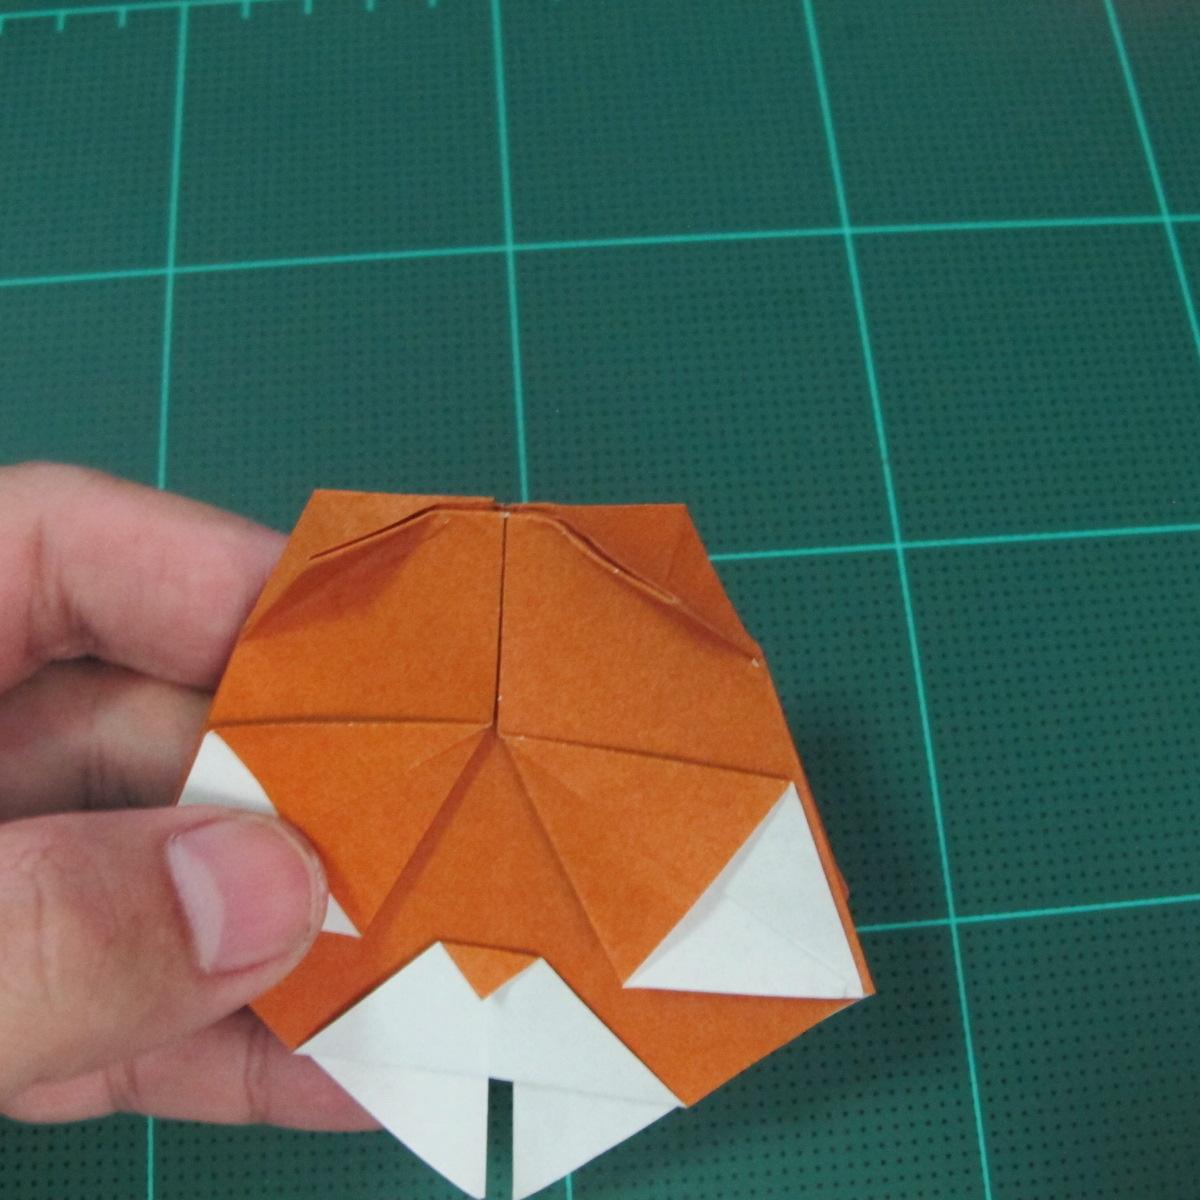 การพับกระดาษเป็นที่คั่นหนังสือหมีแว่น (Spectacled Bear Origami)  โดย Diego Quevedo 026